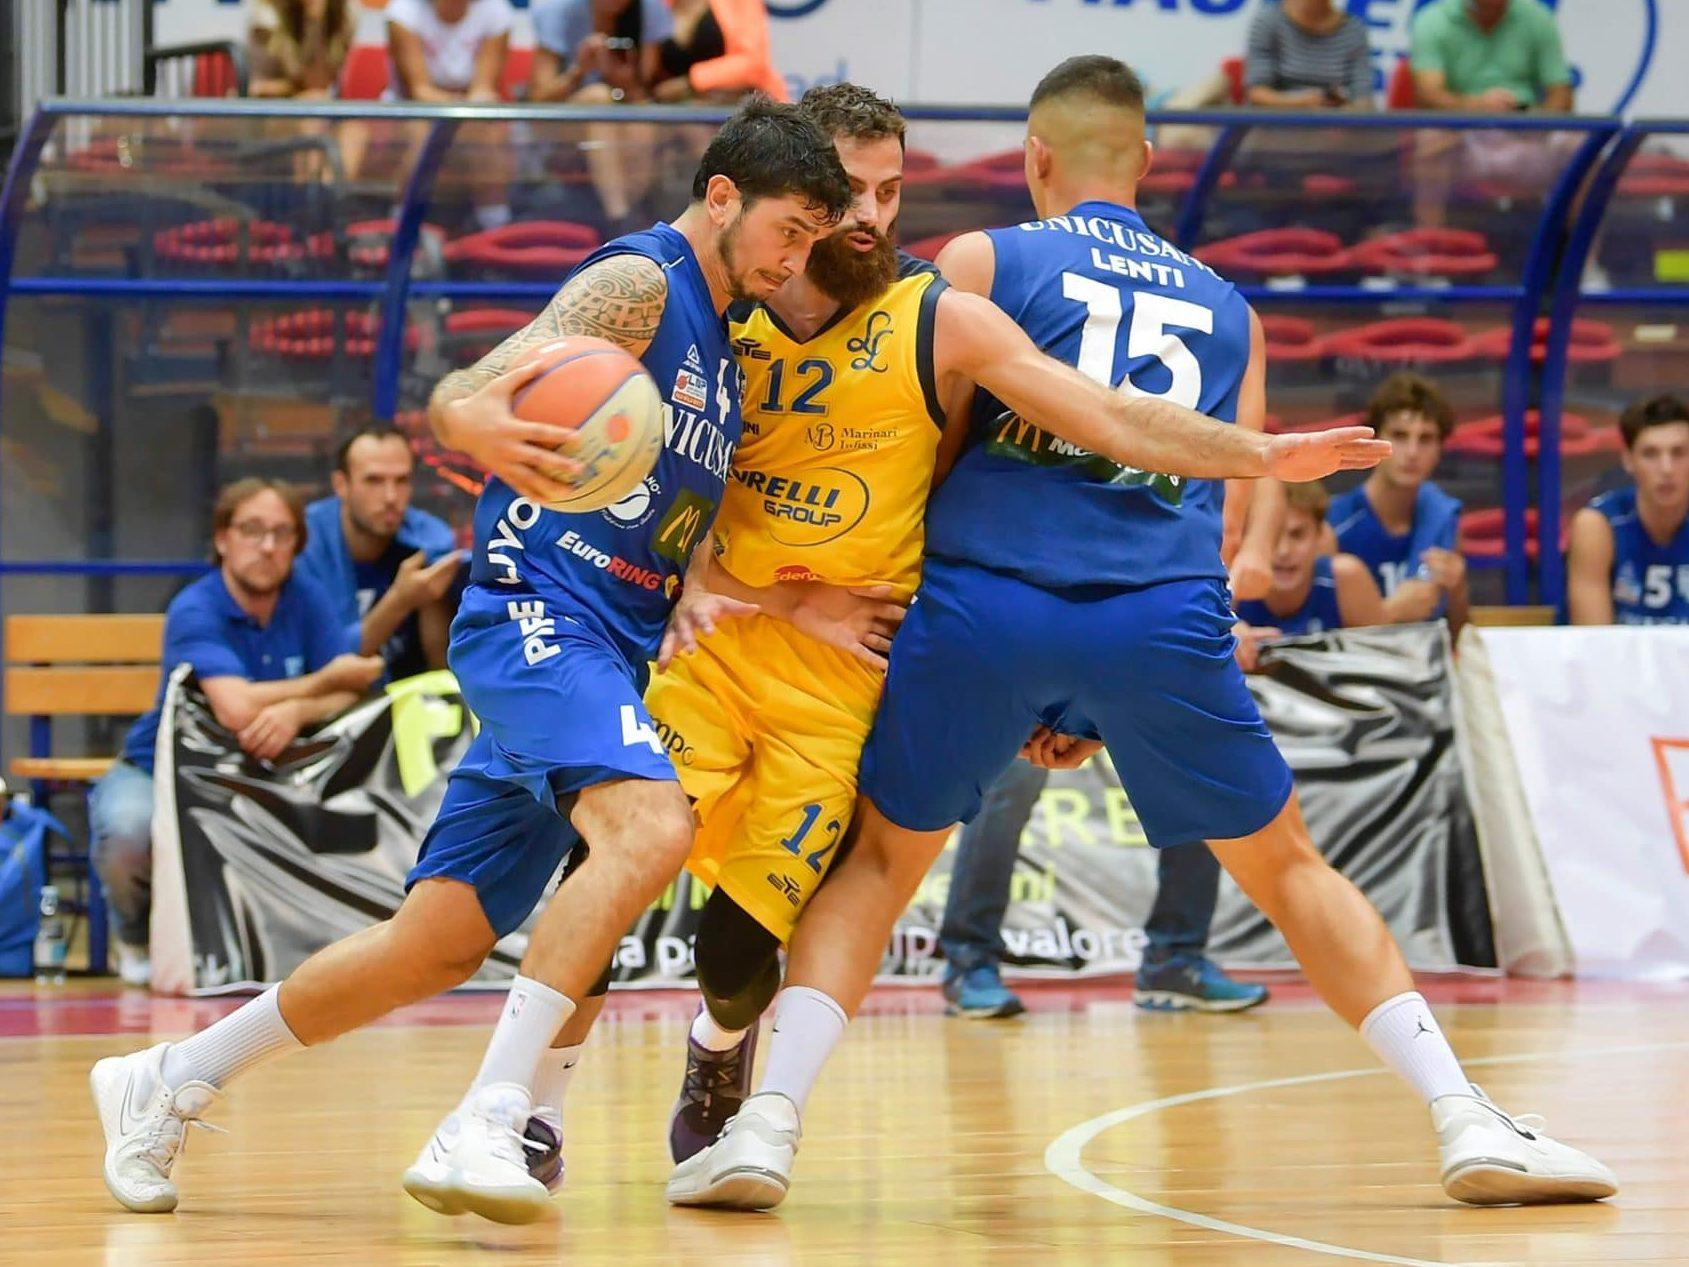 Pielle Livorno: Neopromossa Con Una Storia Vincente Nel Basket Italiano